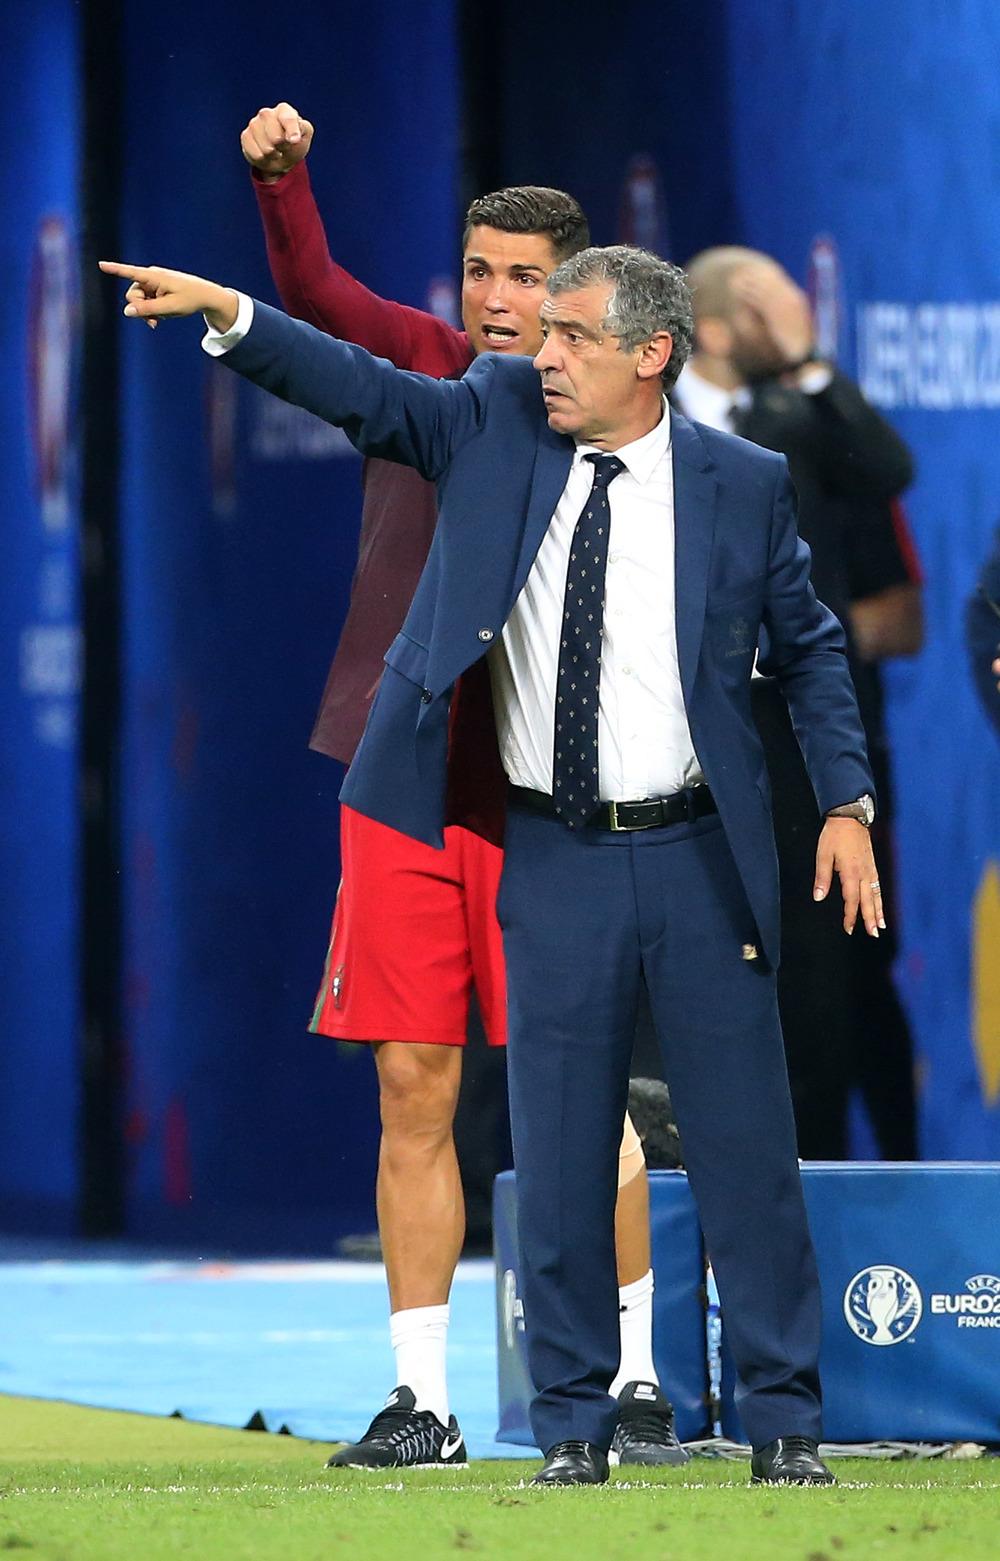 Chefen dirigerer - og Fernando Santos er også med. Foto: Getty Images/Jean Catuffe